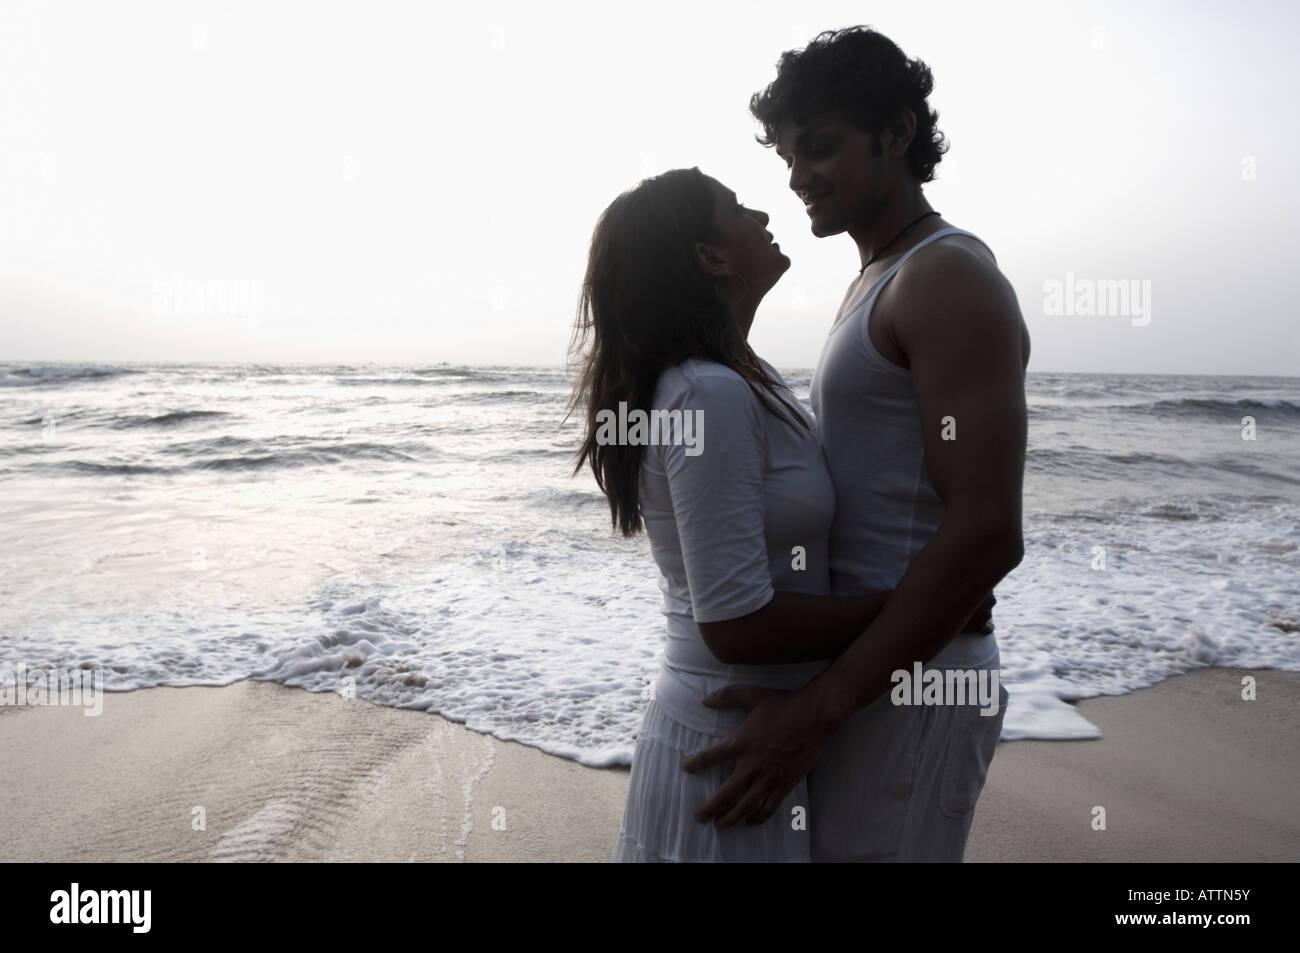 Silueta de una joven pareja abrazándose entre otros en la playa, Goa, India Imagen De Stock